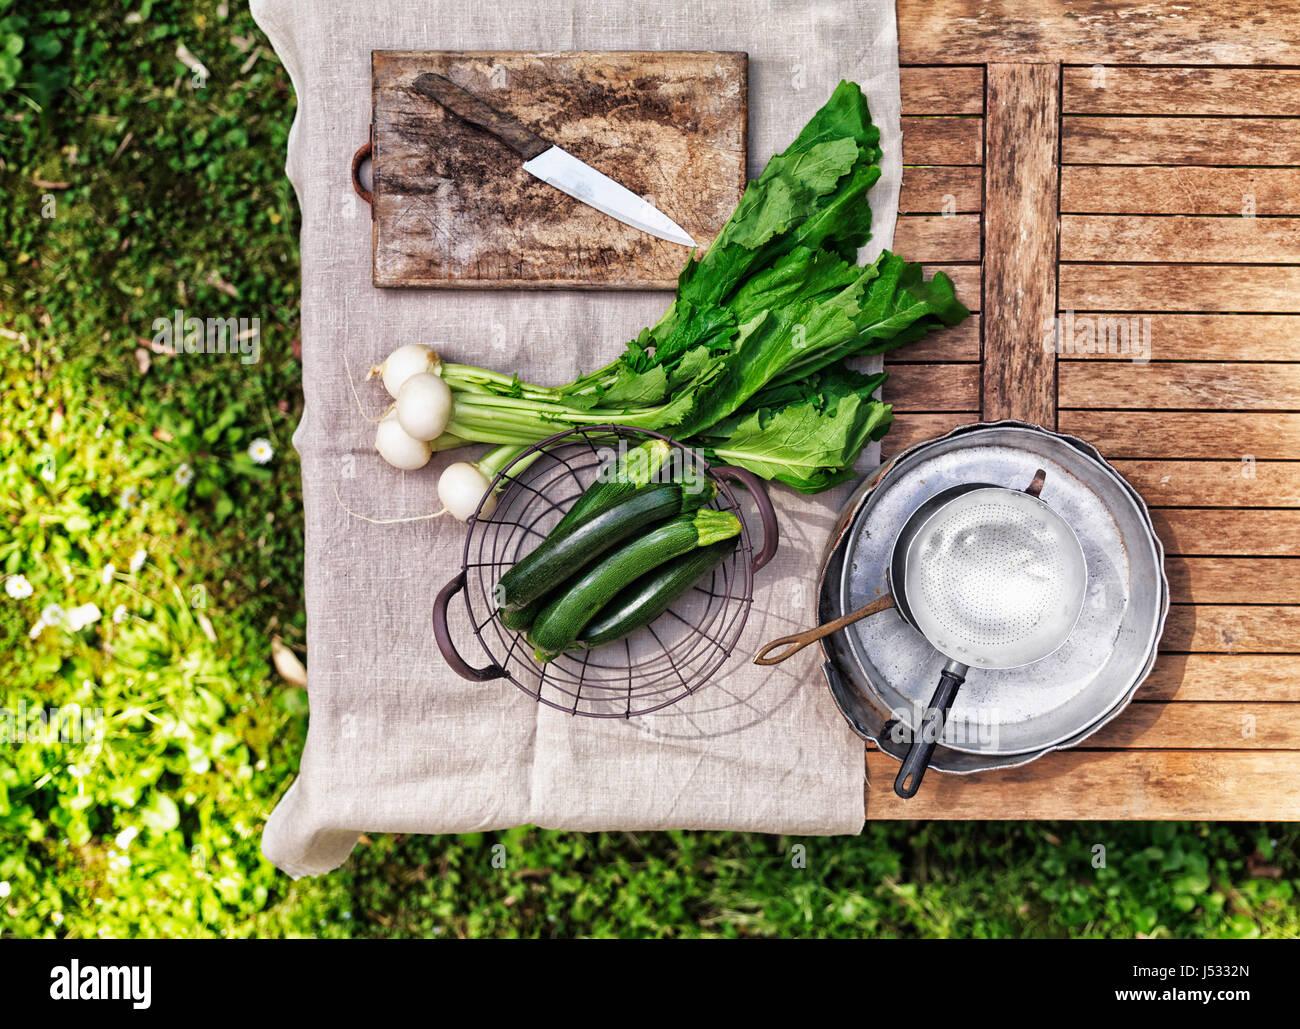 Nabo blanco y calabacín en una mesa en el jardín Imagen De Stock